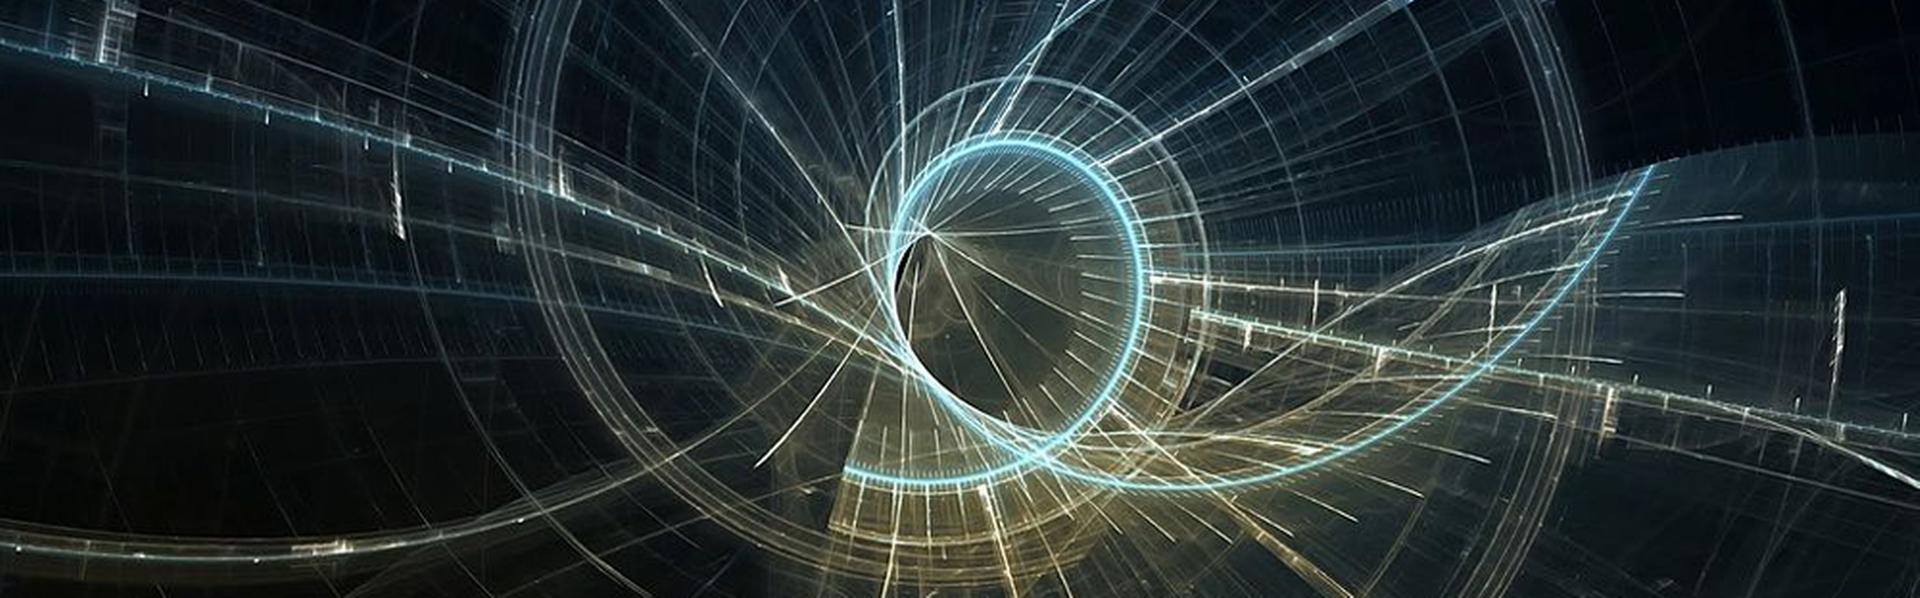 La physique quantique - Dossier RTS Découverte [Varsha Y S - Wikimedia Commons]